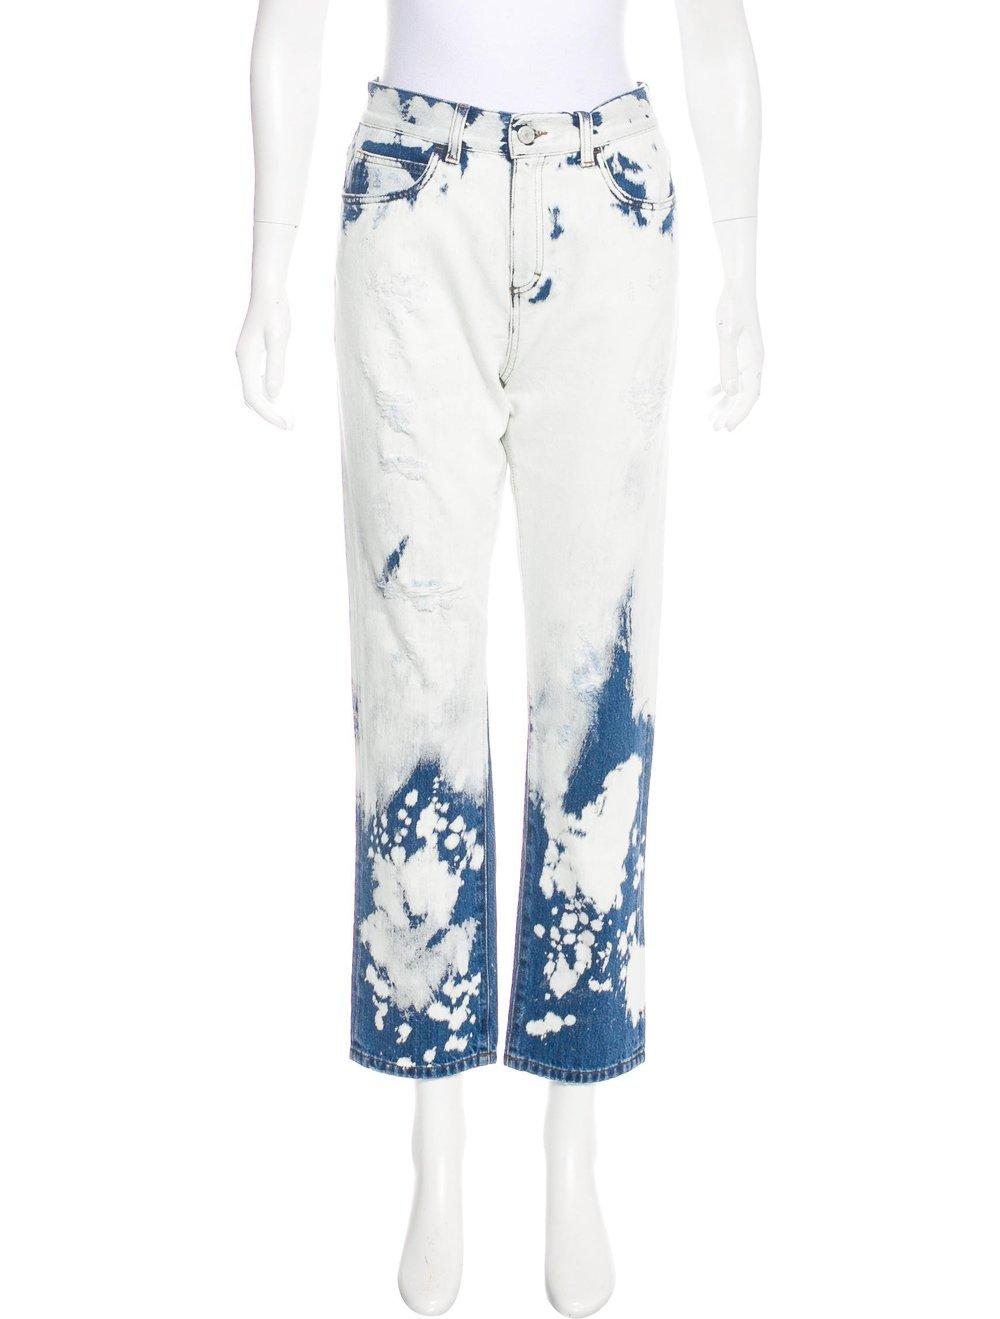 GUCCI High Rise Boyfriend Tie-Dye Print Jeans; Size: M; $595.00